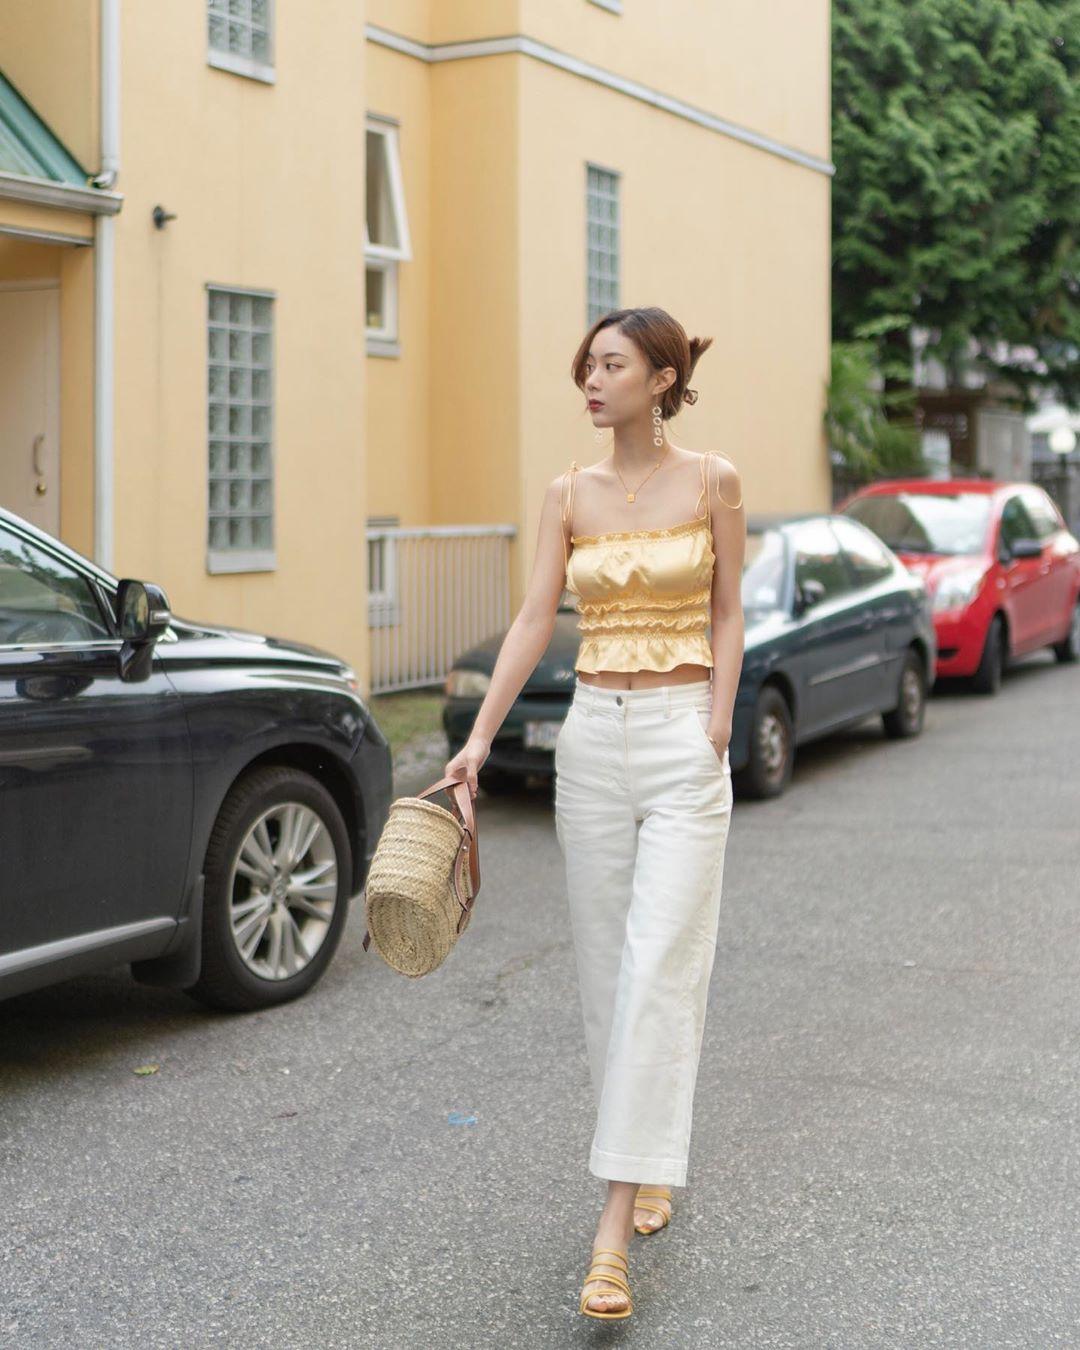 cô gái mặc áo dây lụa vàng quần trắng đeo túi xách cầm tay